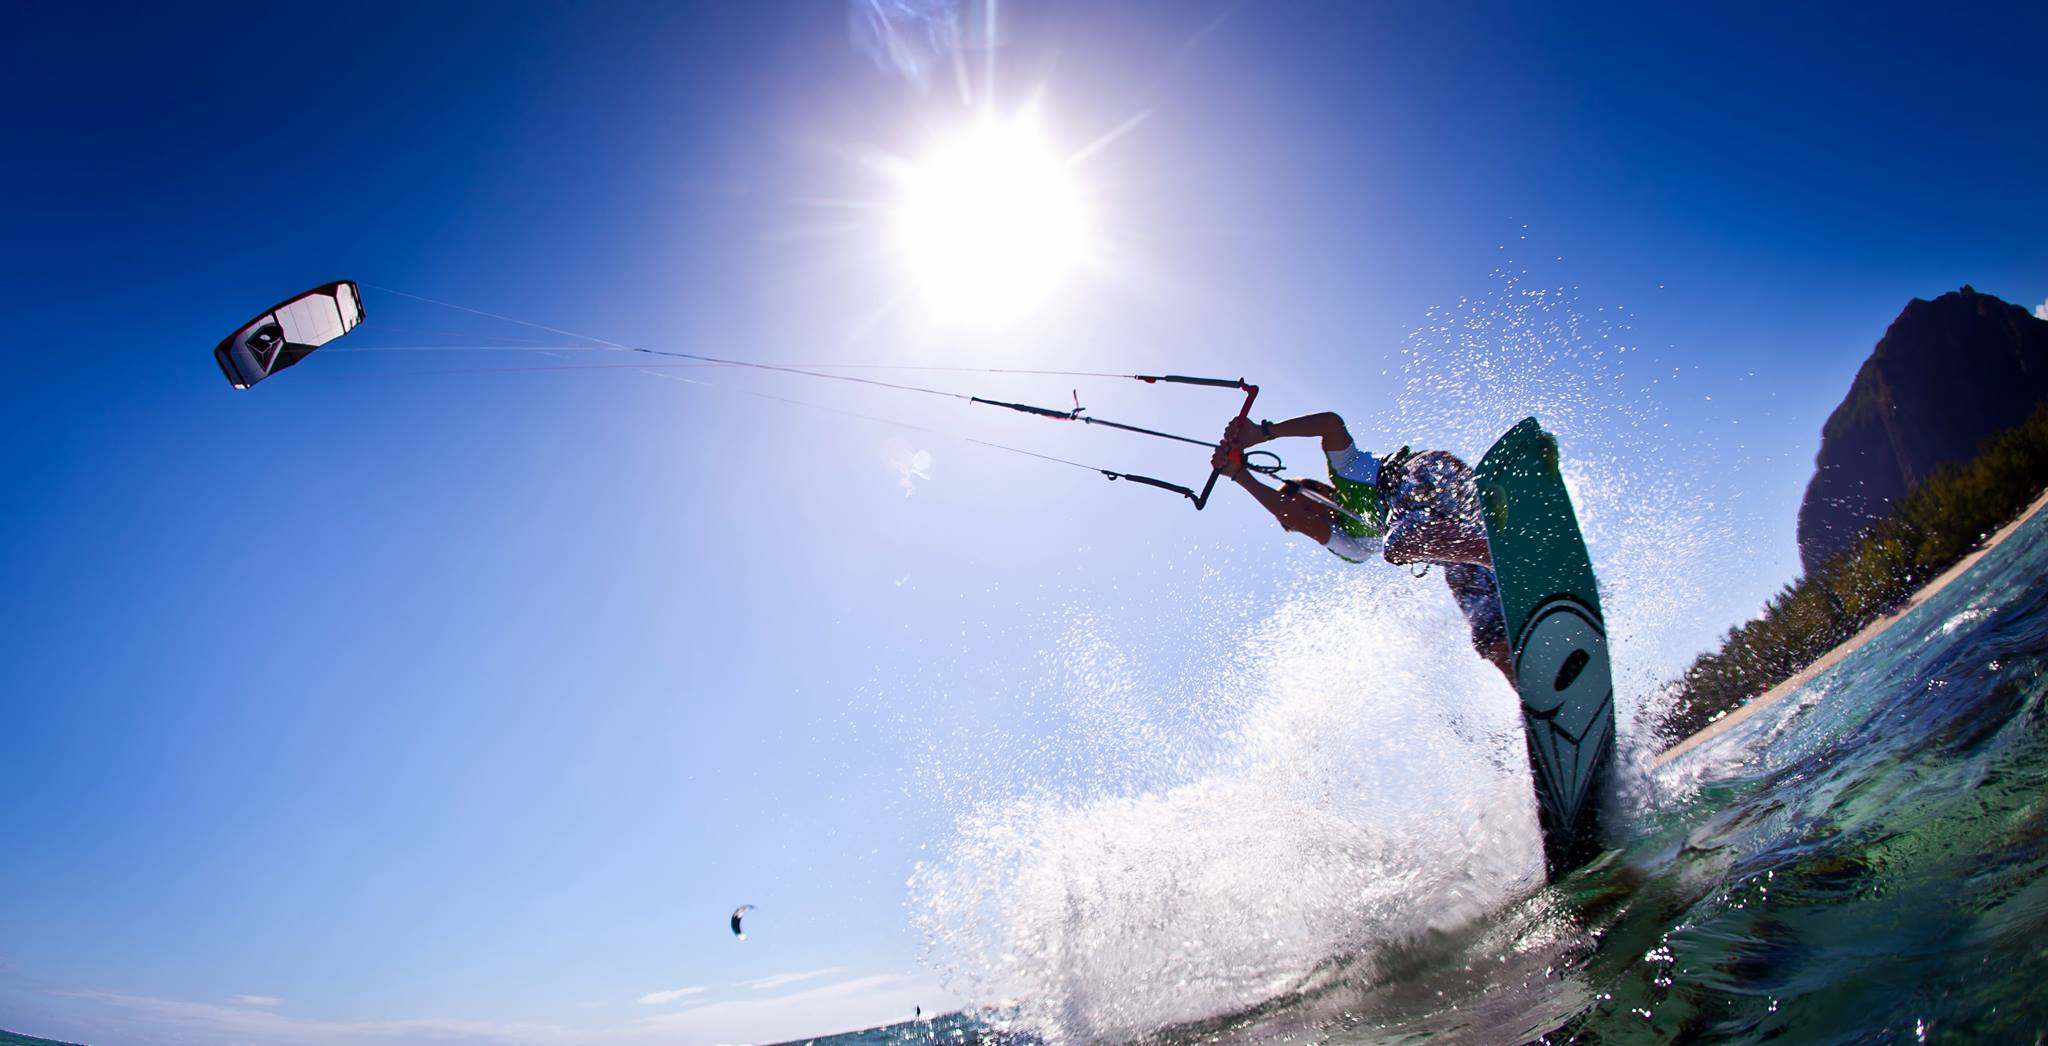 Oswald smith Brainline kite surfer